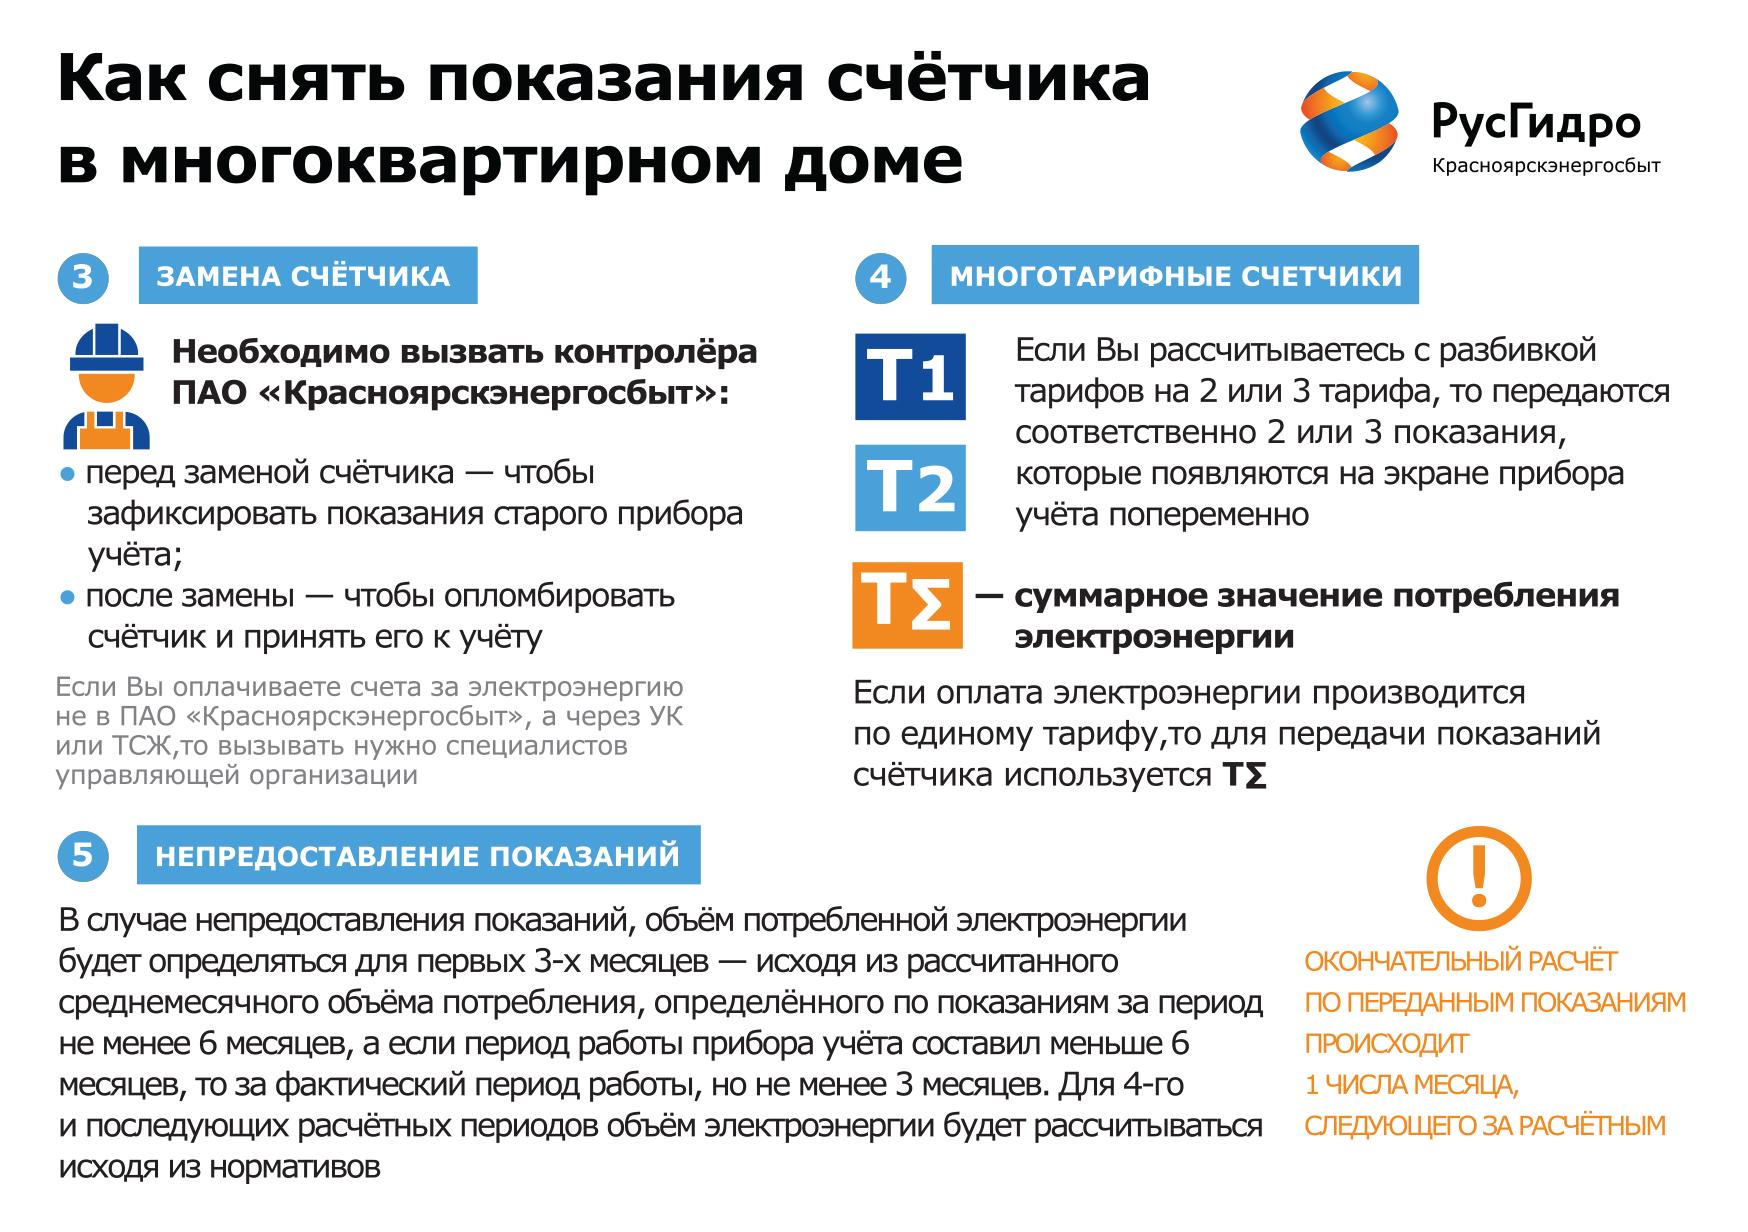 Передача данных показания счетчиков электроэнергии для жителей москвы в 2019 году! передача показателей через сайт mos.ru и мосэнергосбыт!